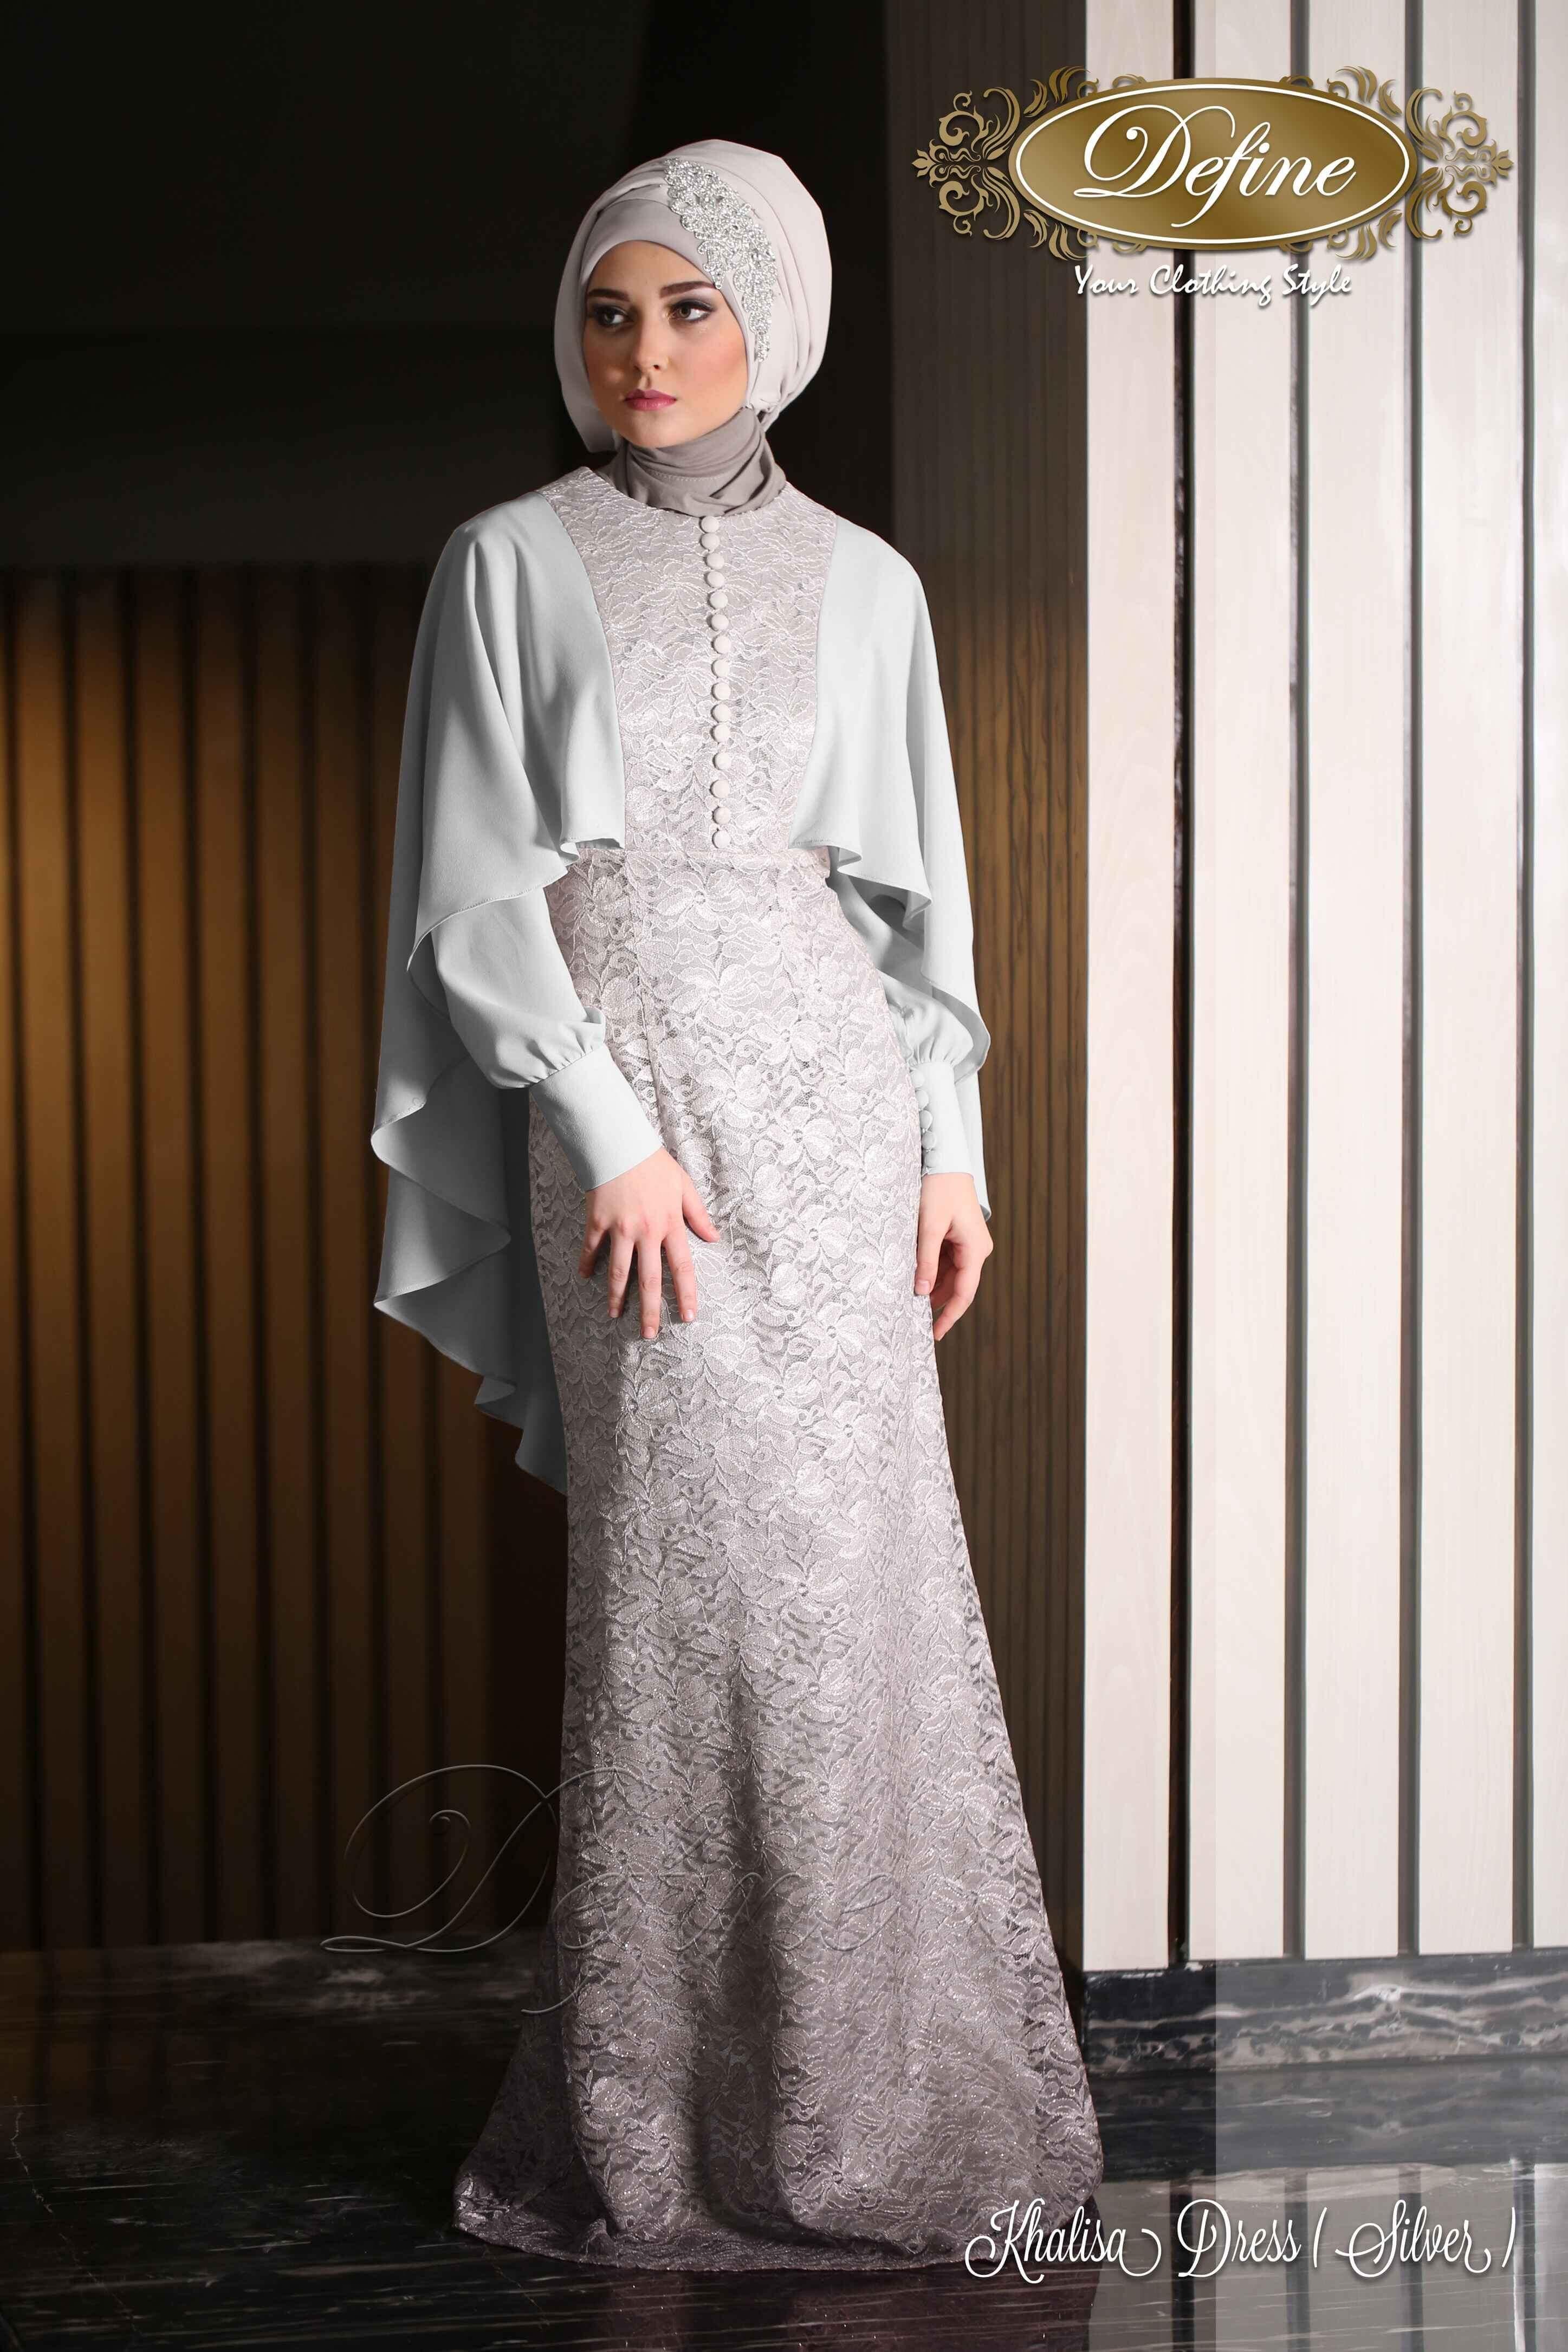 Beautiful  Gaun Satin Long DressGambar Model Gaun Satin Long DressWomen Dress